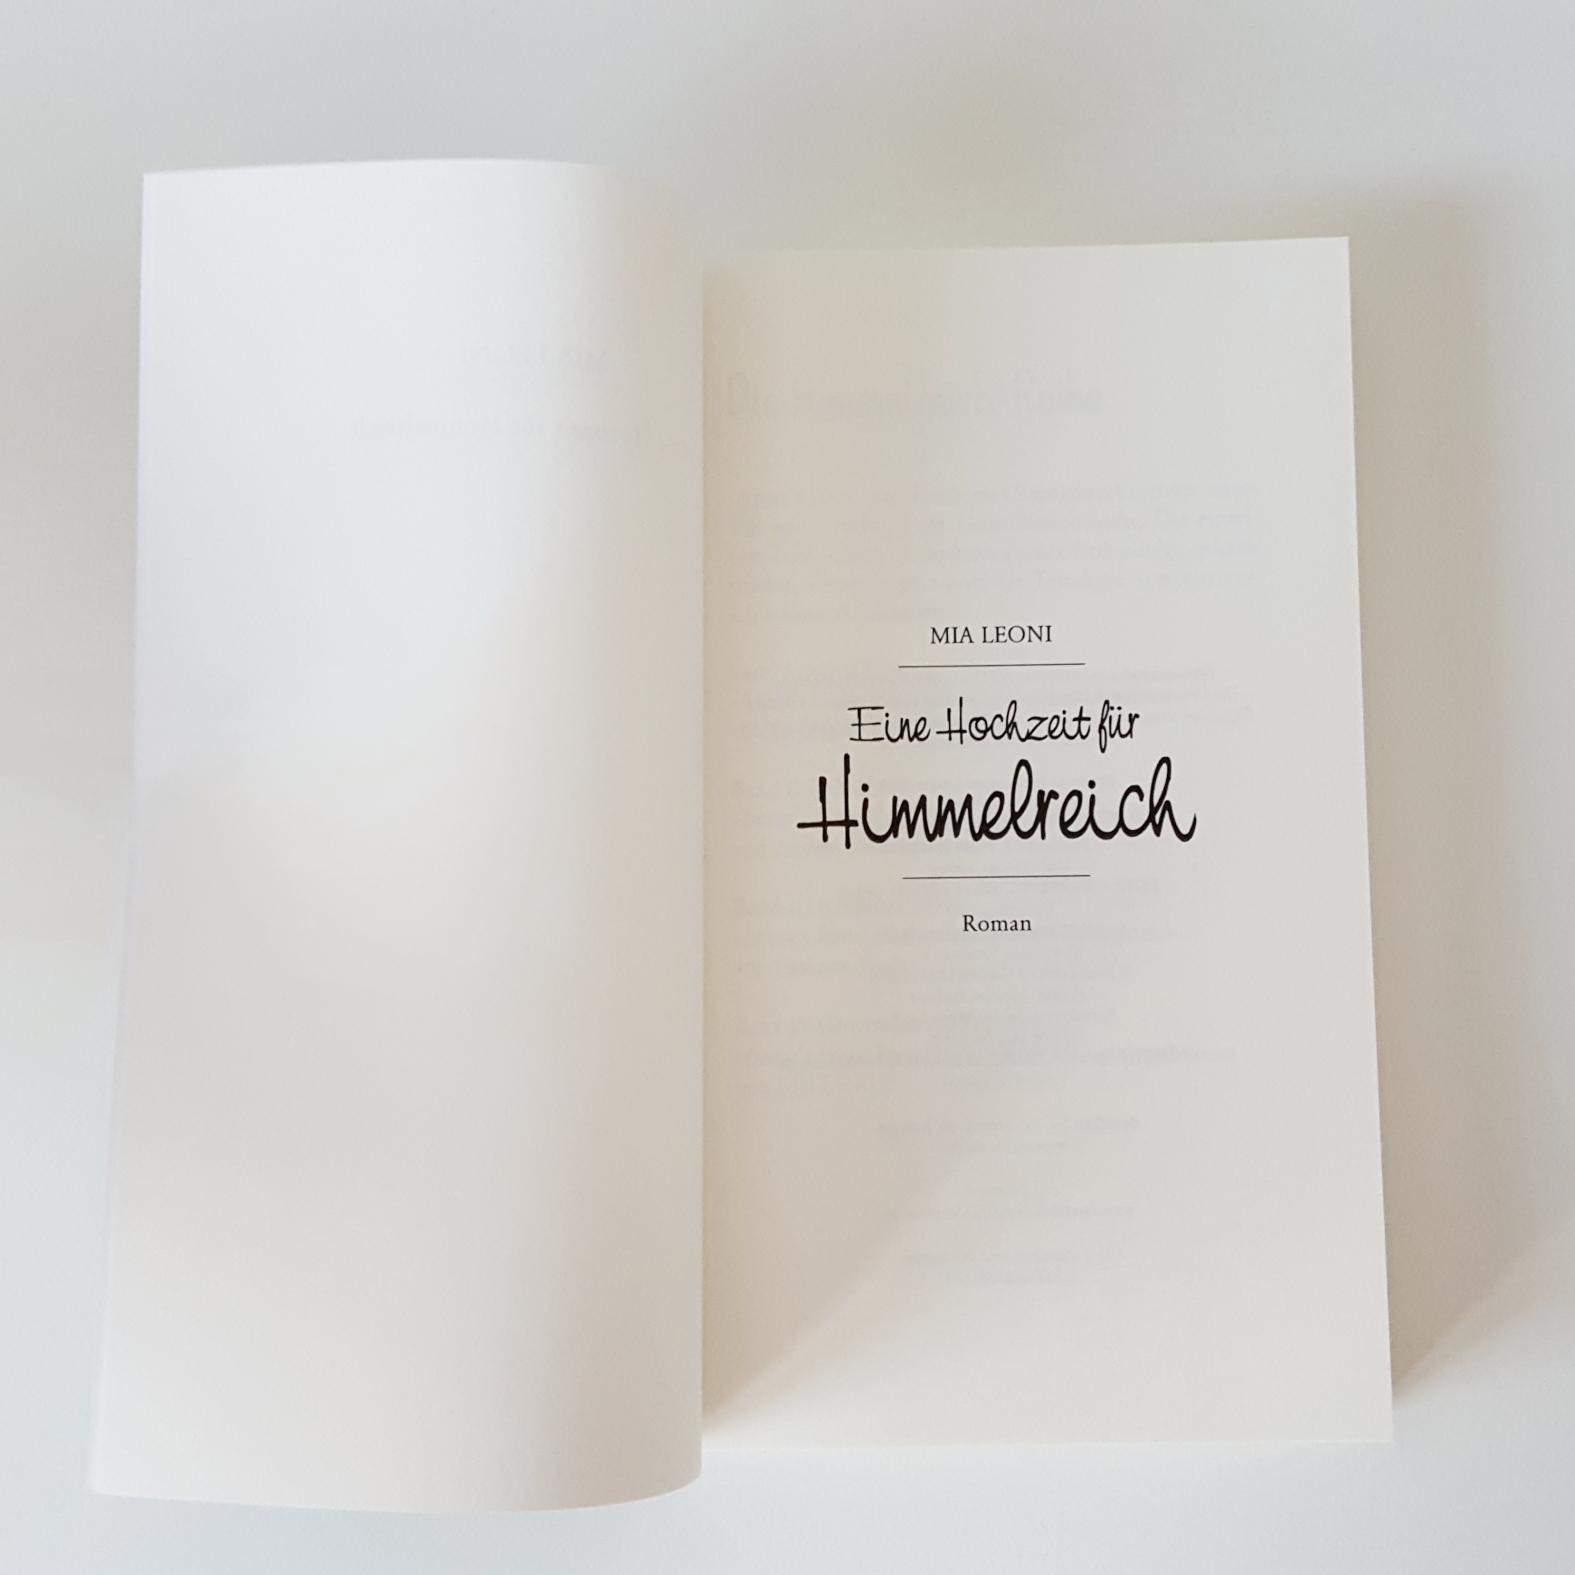 Referenzen_Buchsatz_01